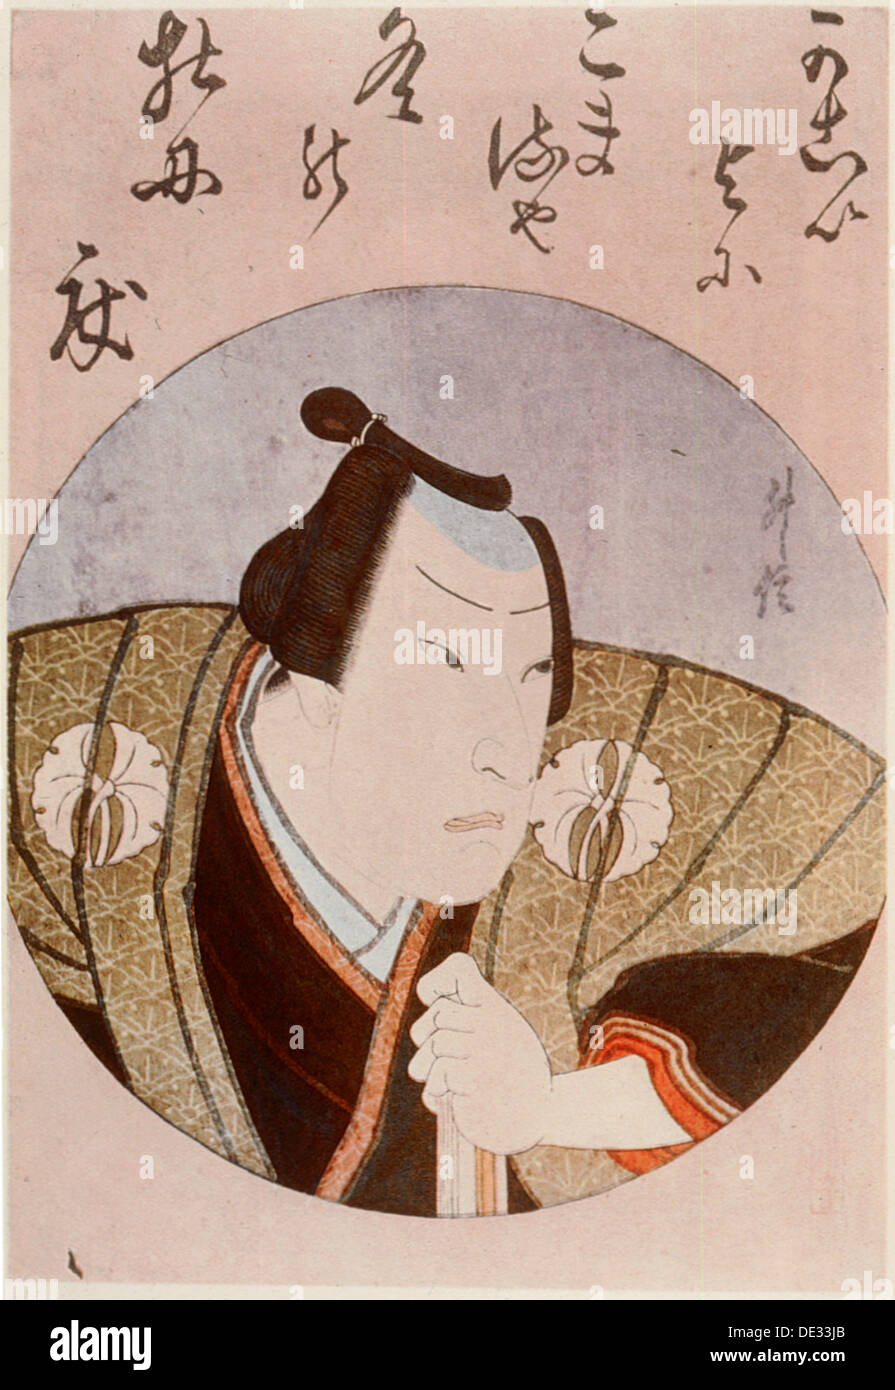 Osaka Holzschnitt Schauspieler das Kabuki-Theater eine unbekannte Rolle porträtiert. Stockbild